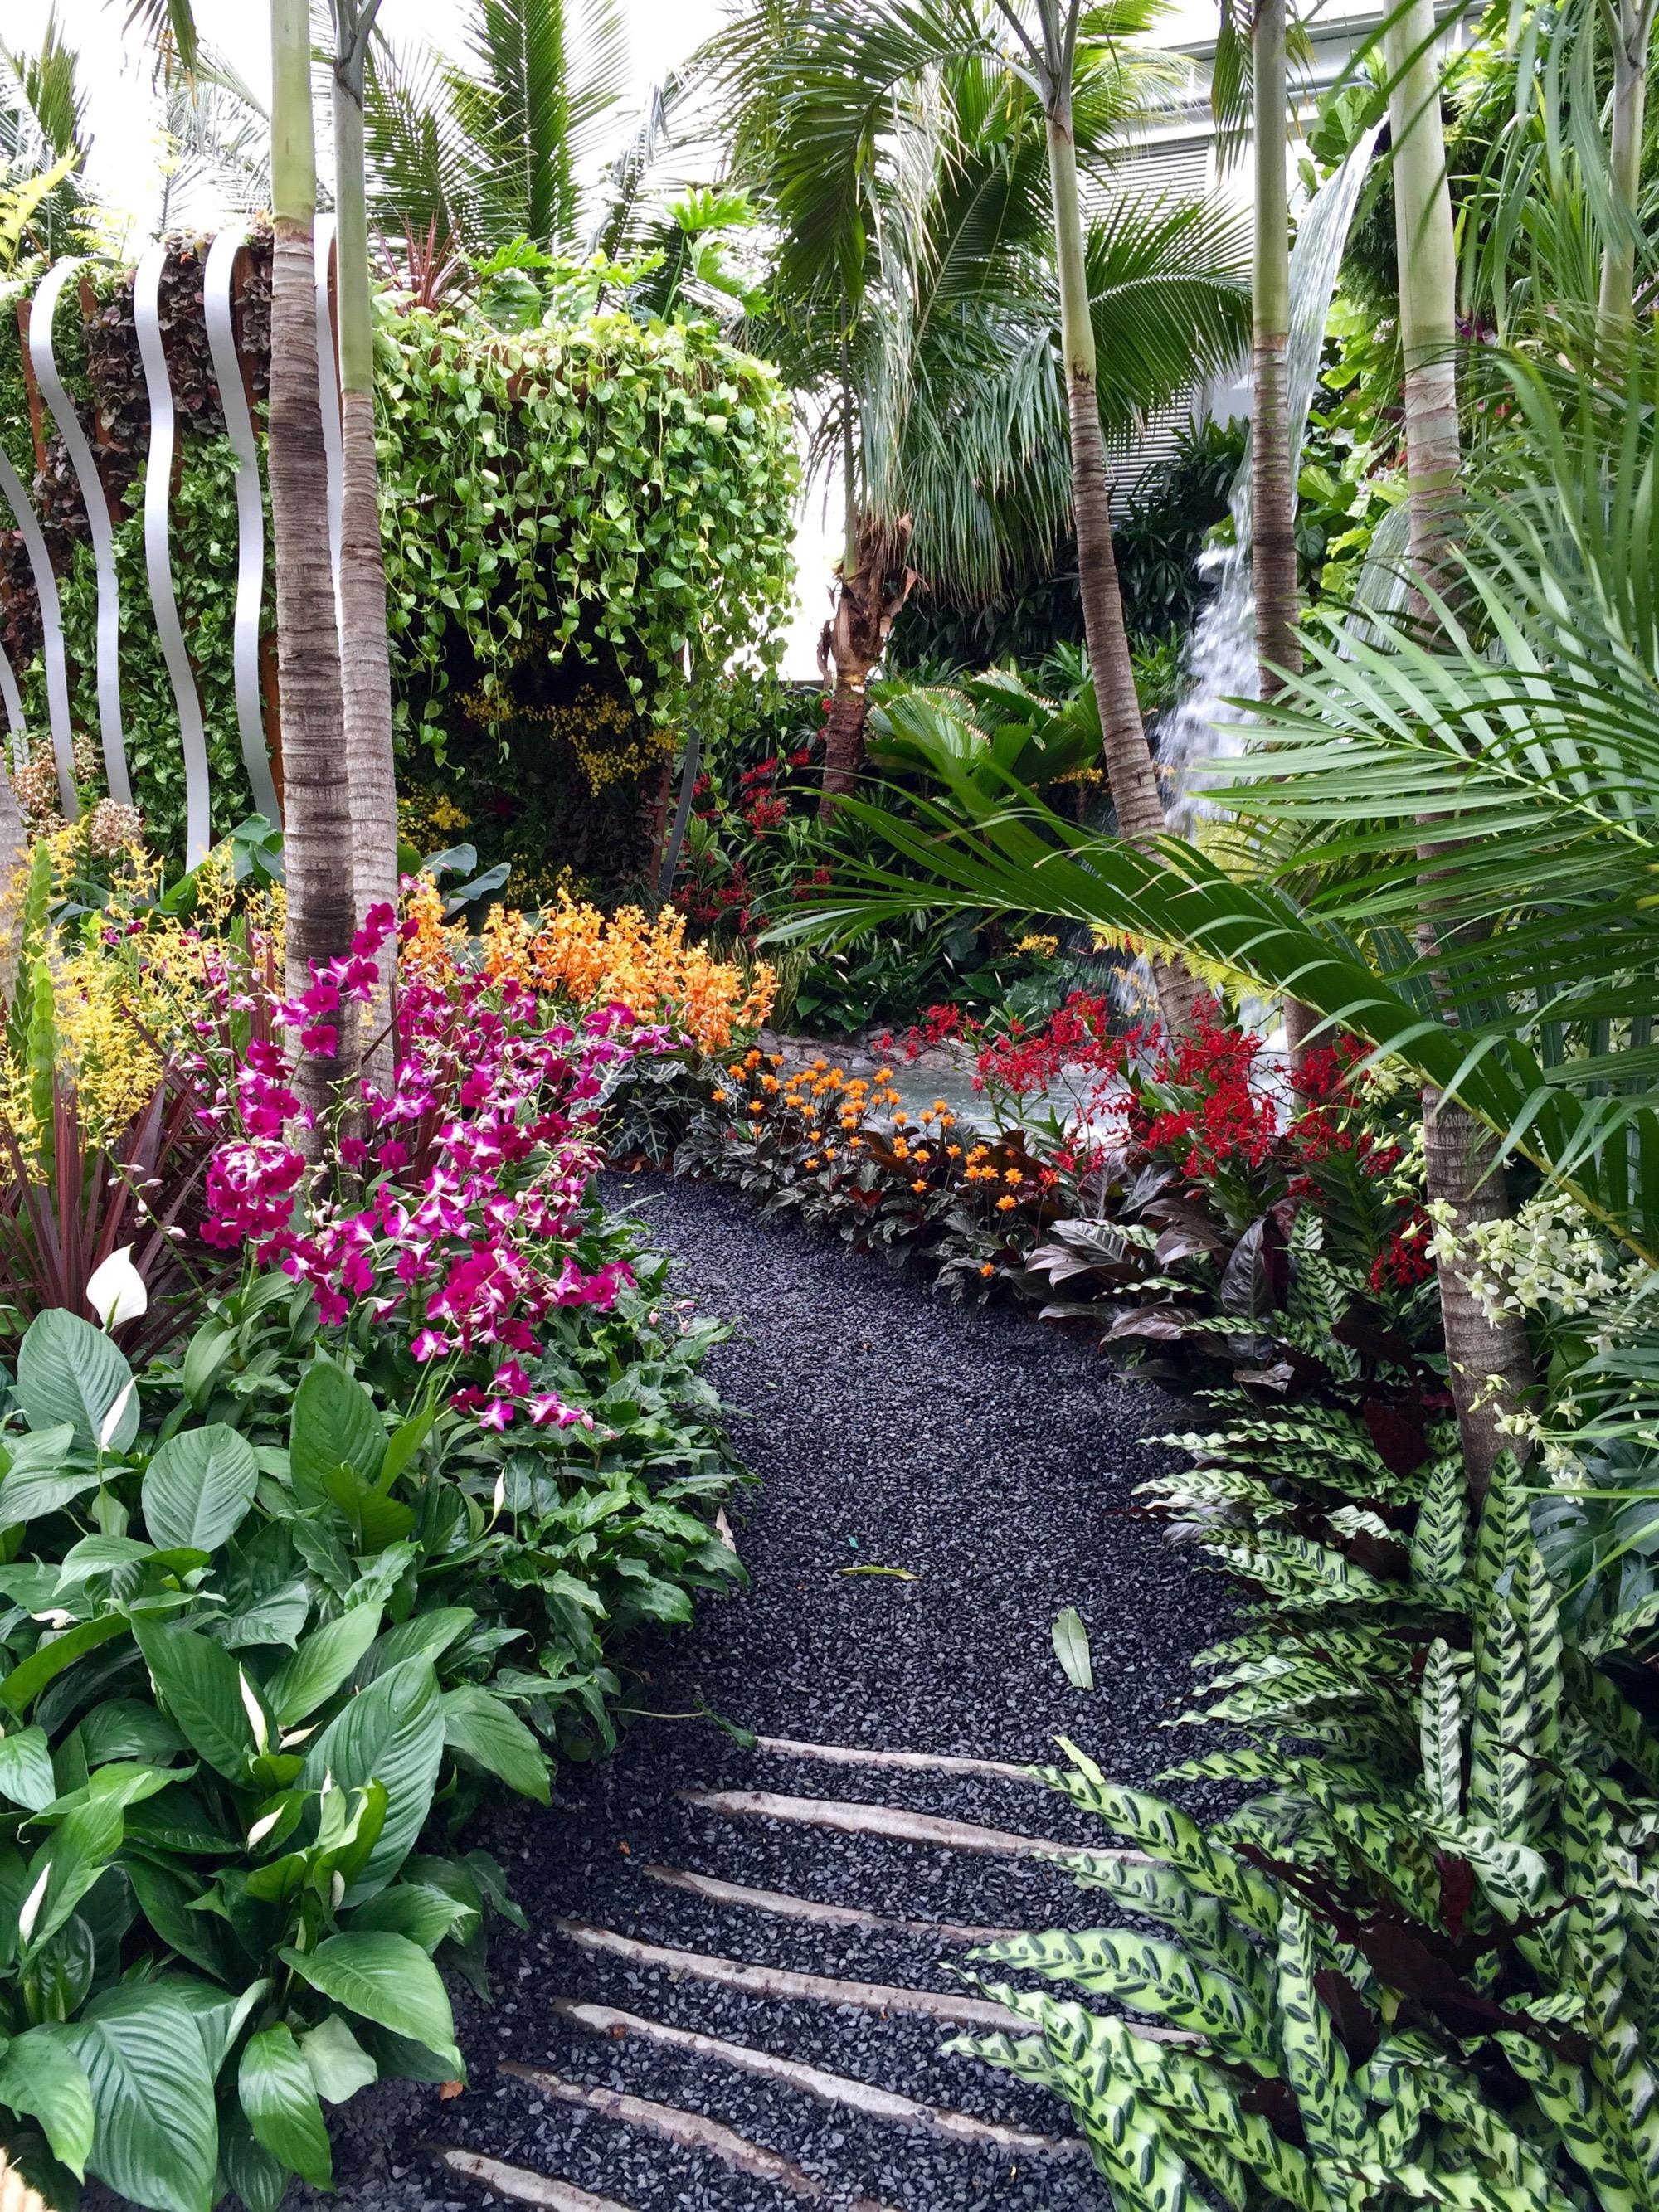 Chelsea show gardens 2015 janna schreier garden design for Chelsea garden designs